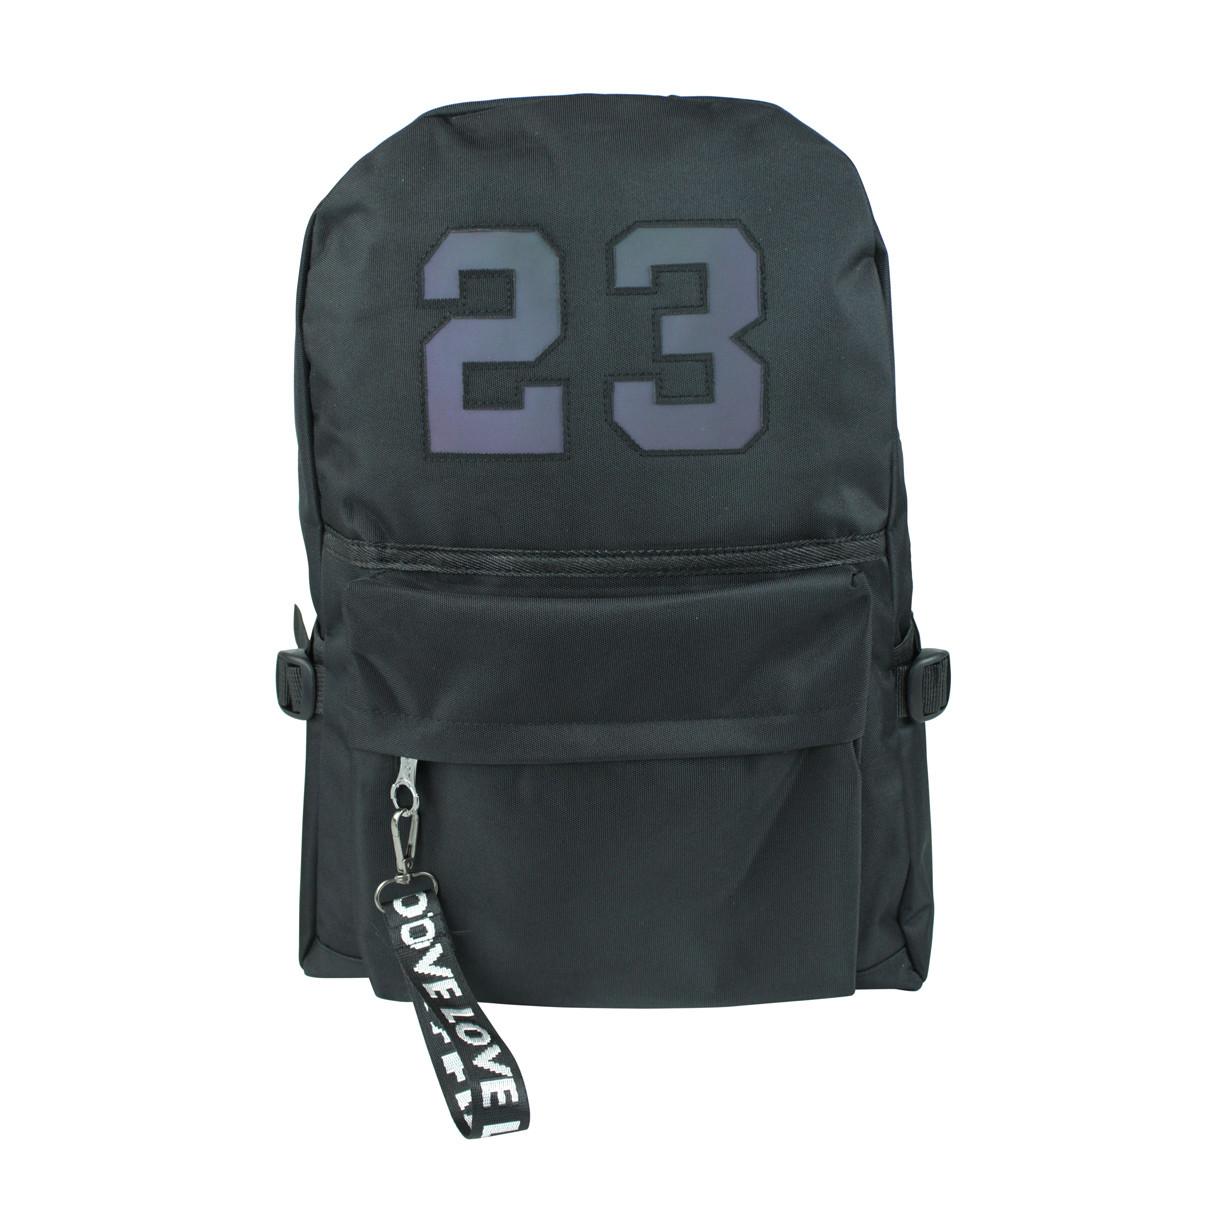 Рюкзак городской чёрный 23 унисекс